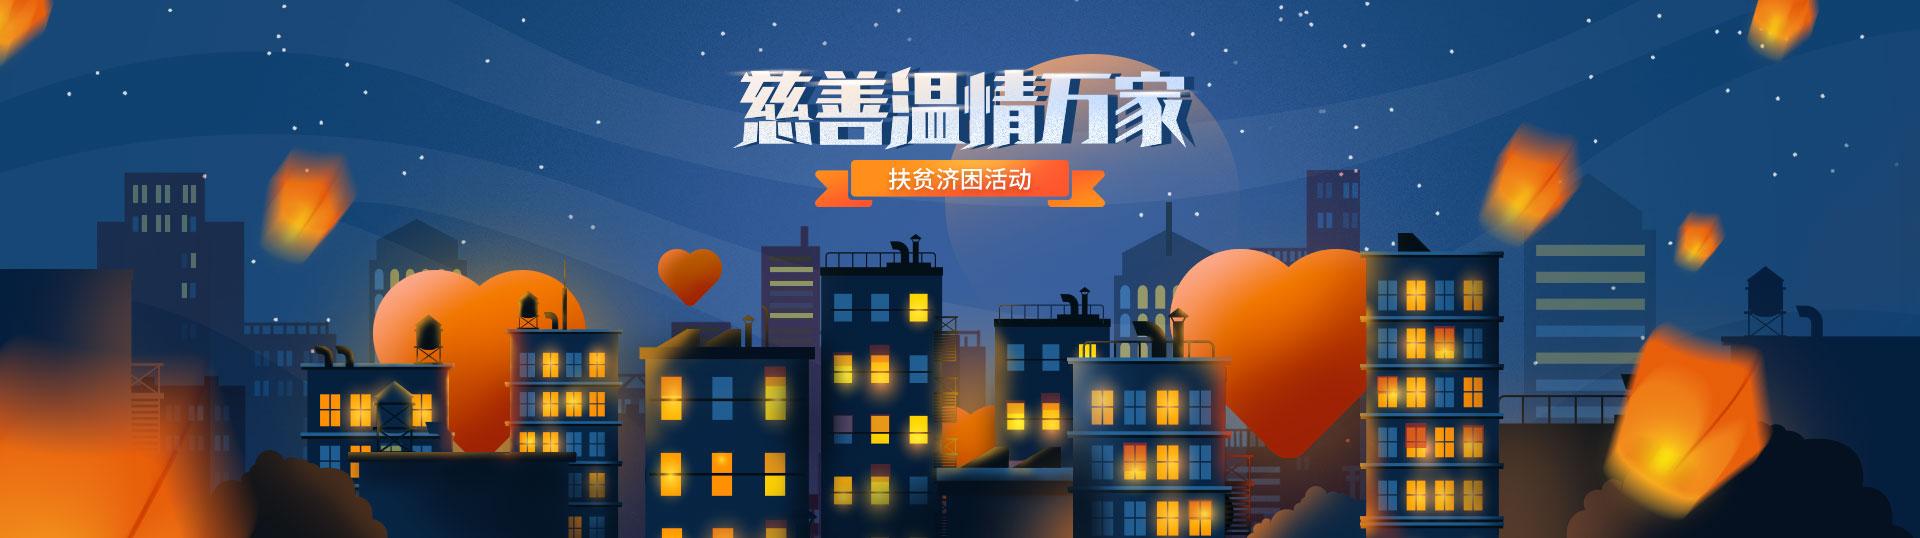 """善行贵州——""""慈善情暖万家""""活动项目"""